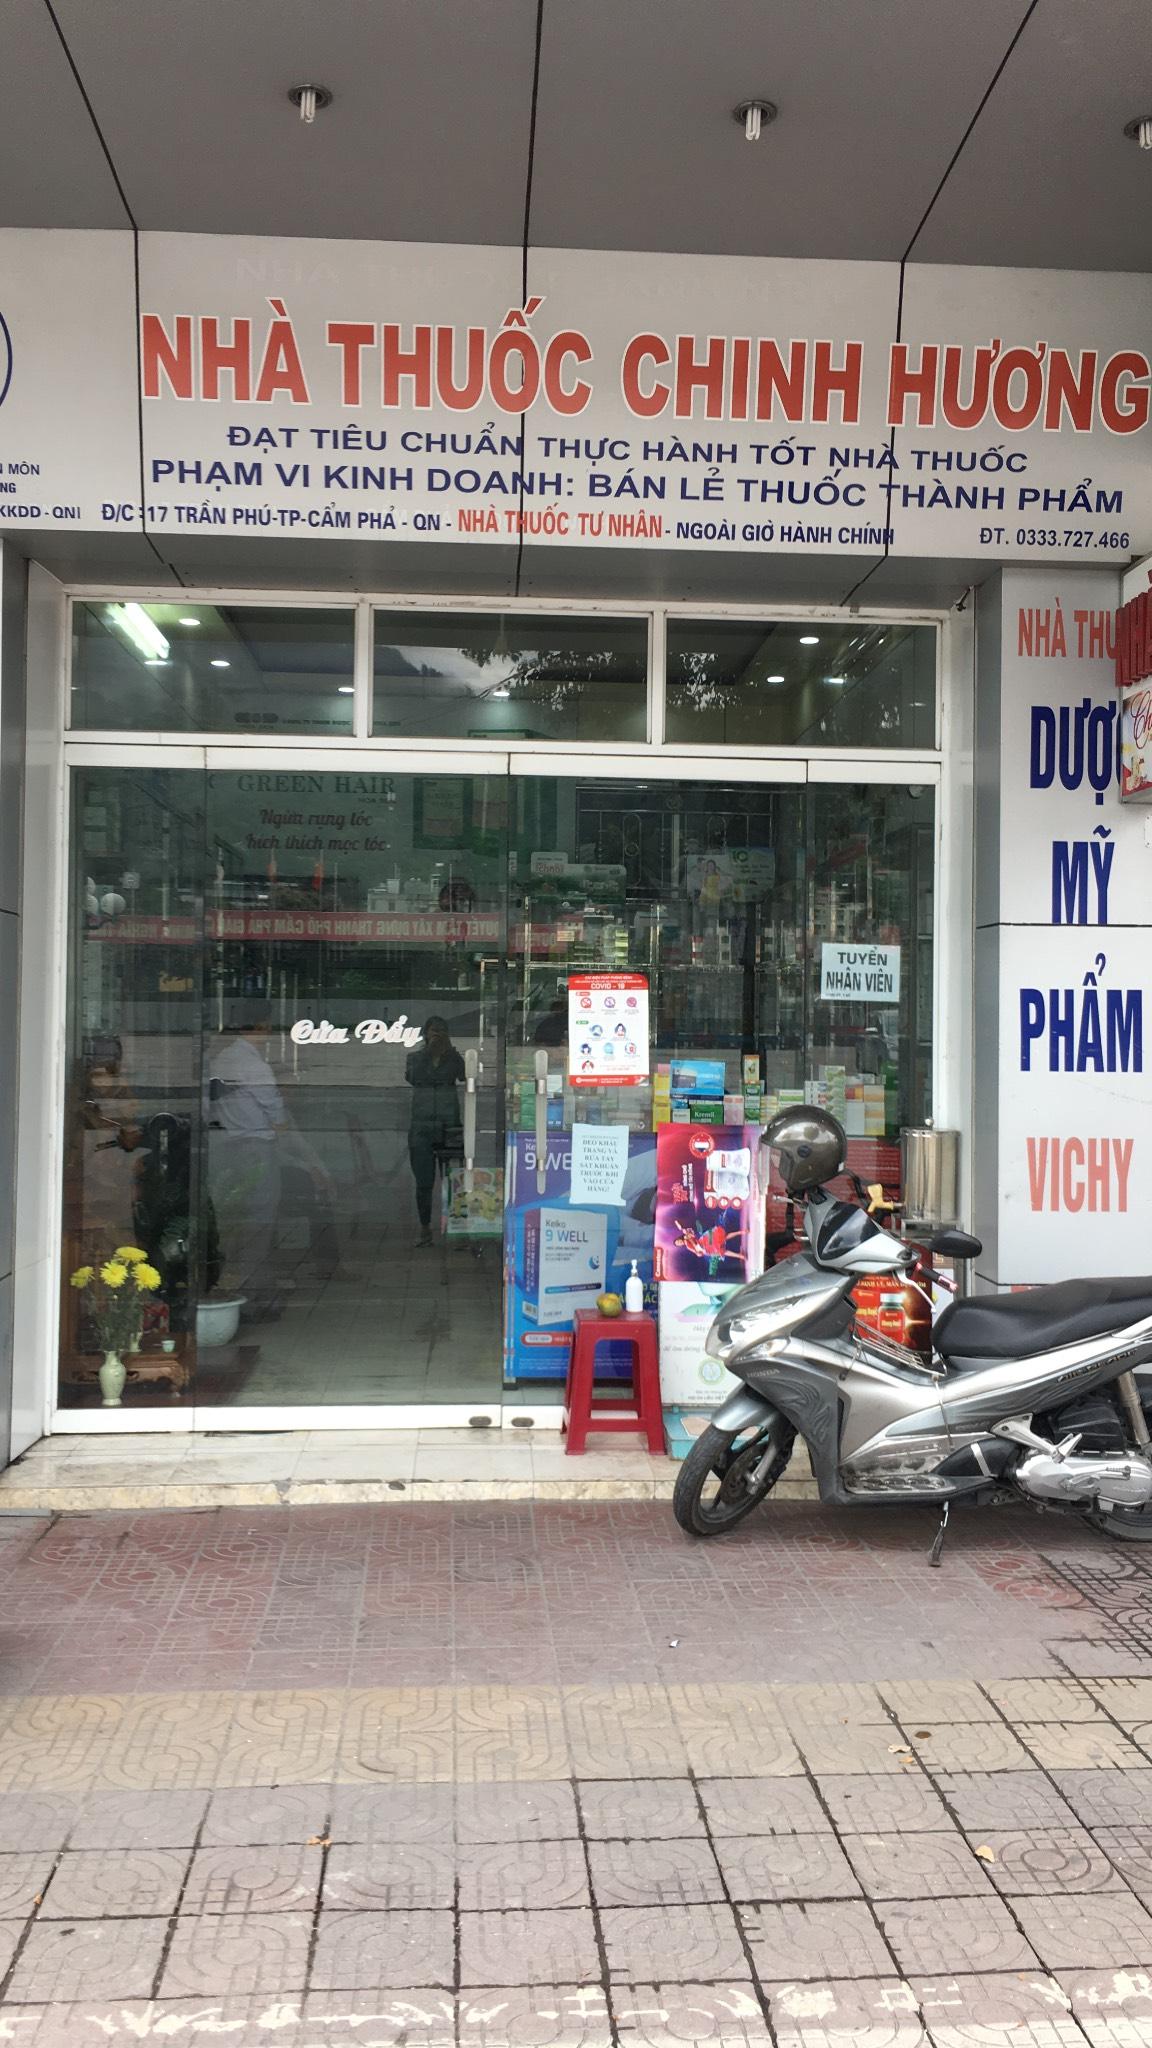 NT Chinh Hương